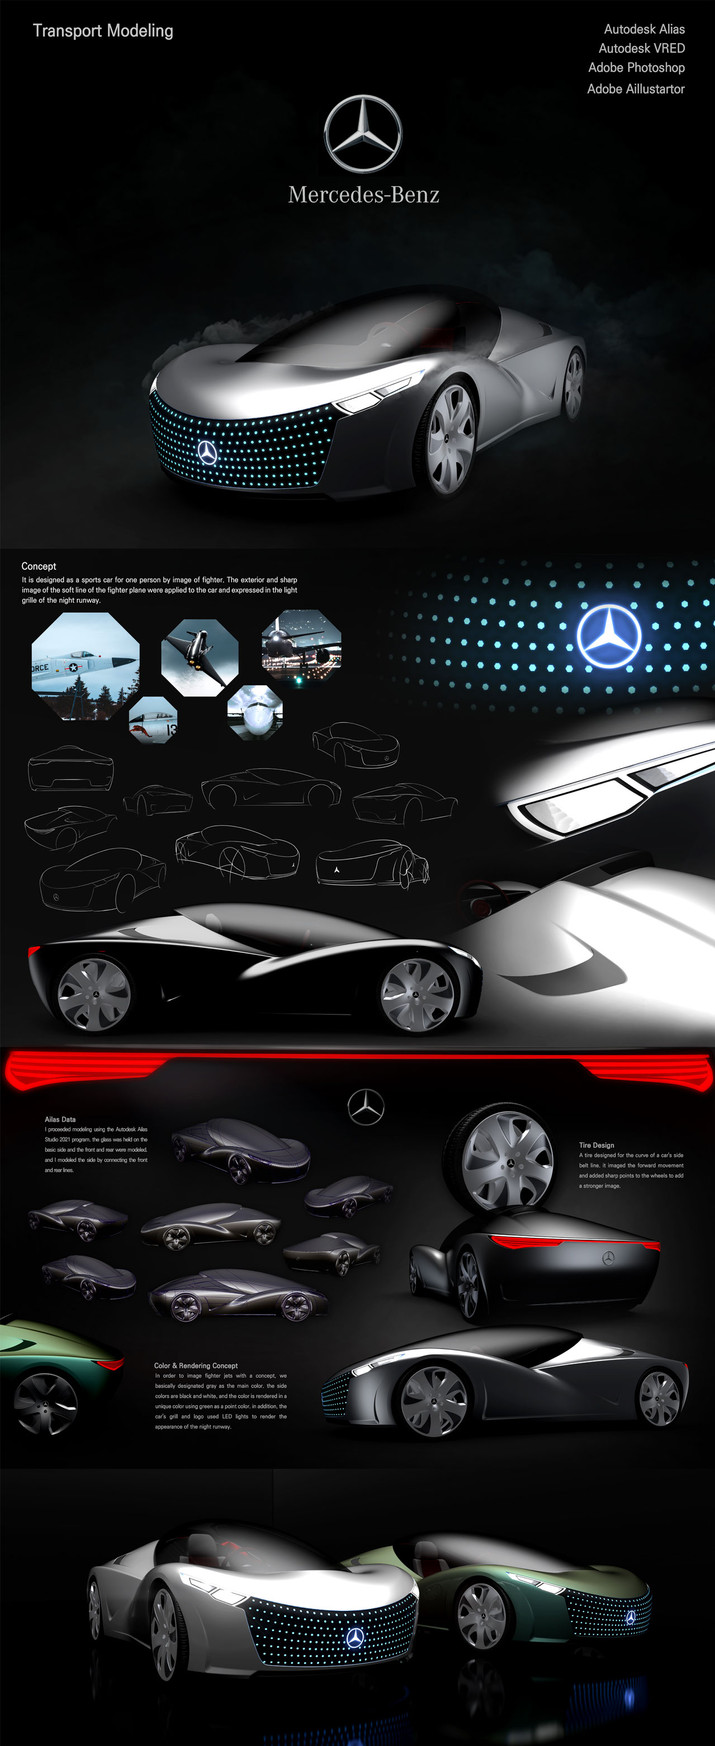 Benz_Electric_concept car